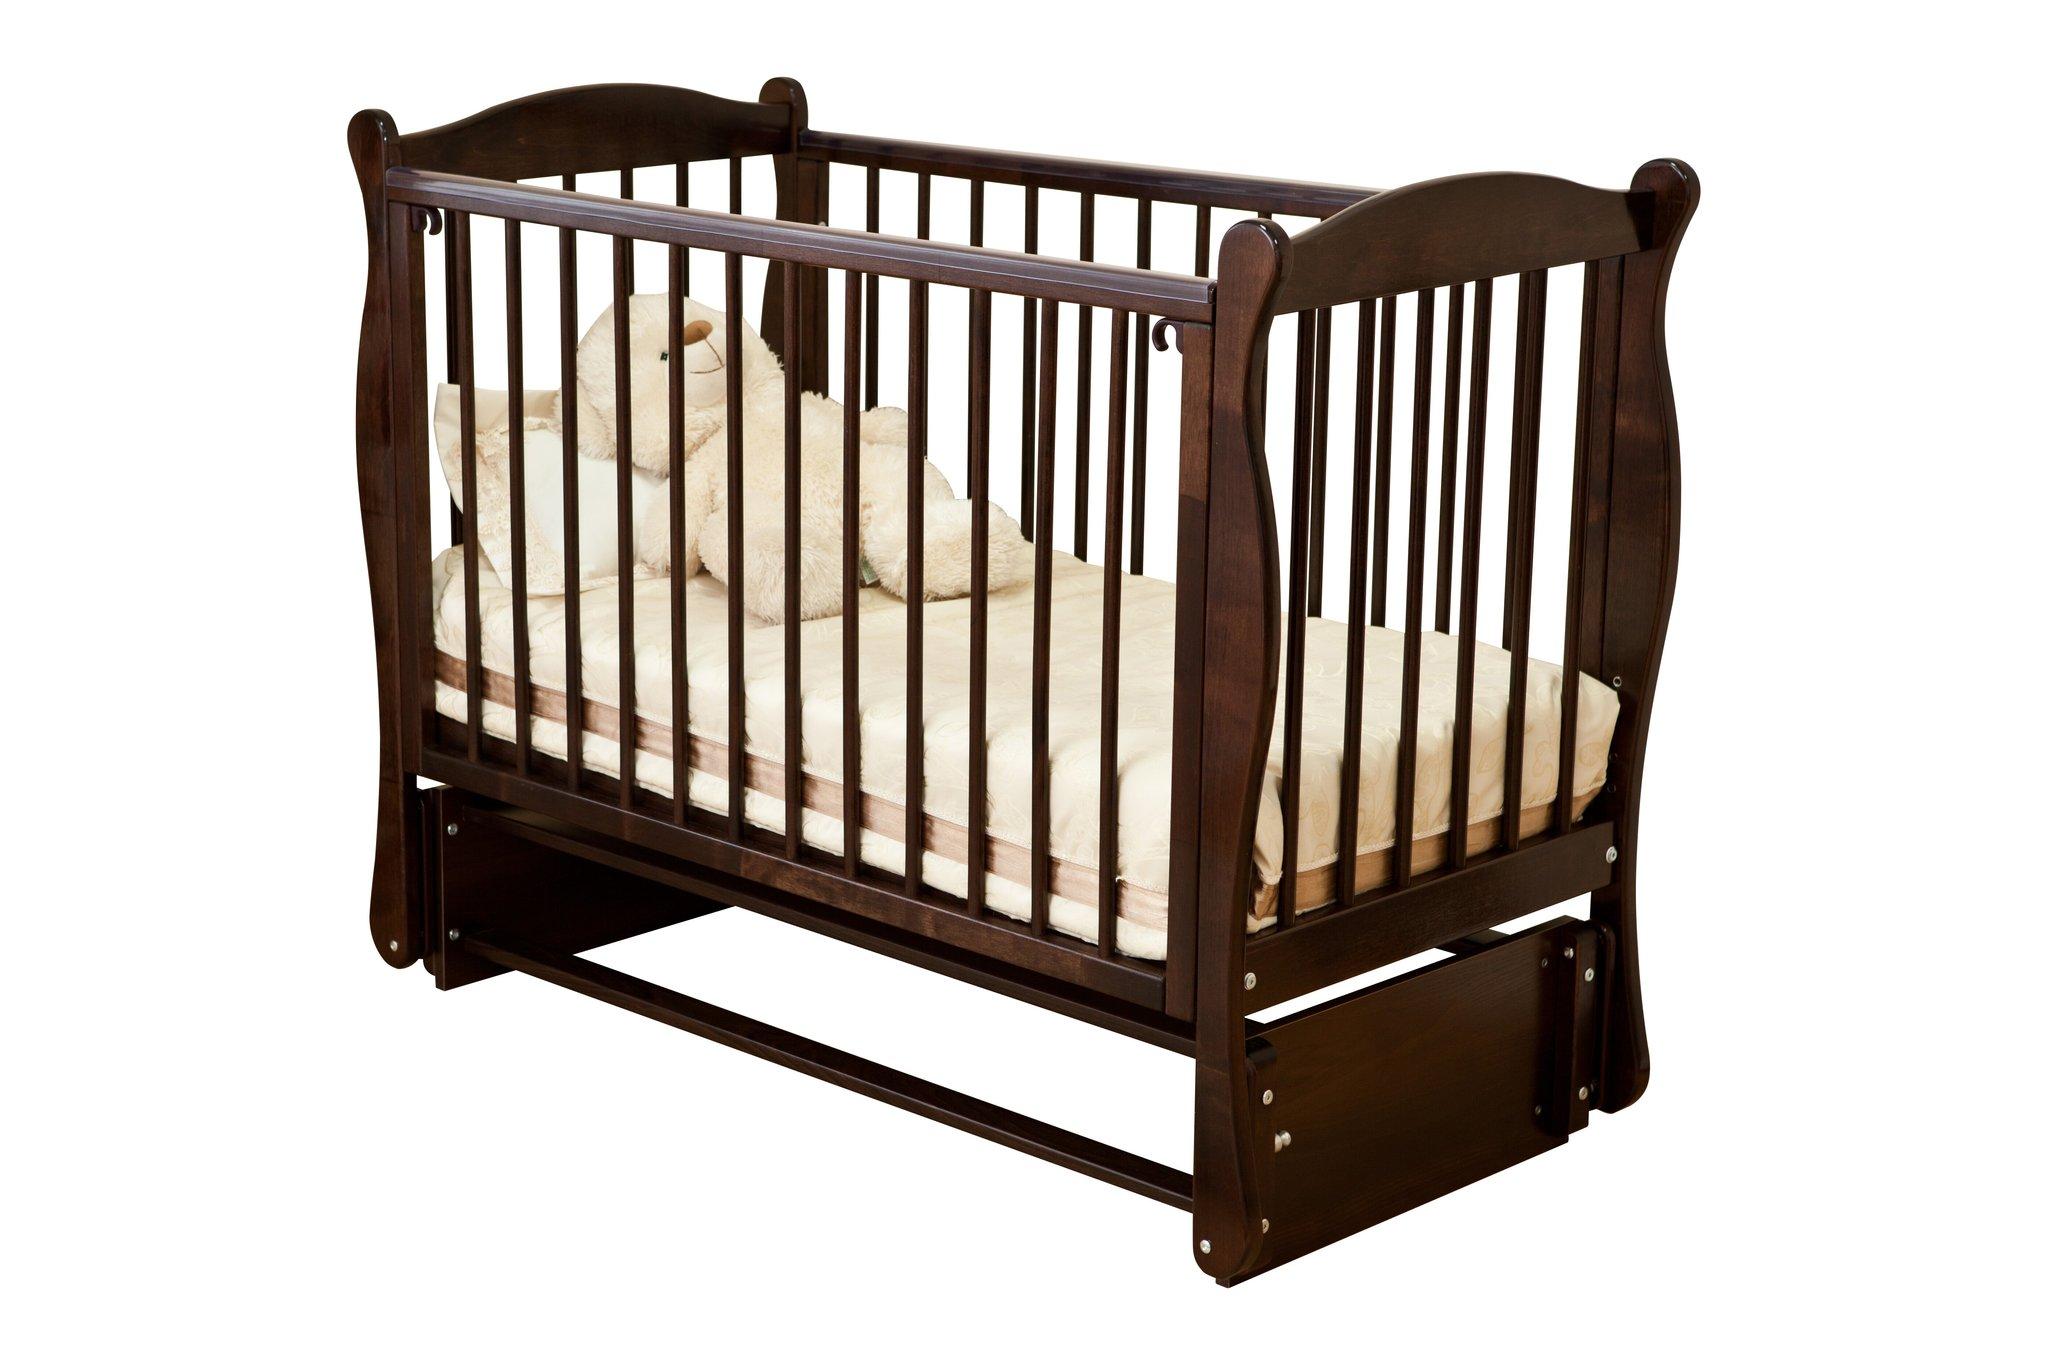 Кровать детская - Noony Wood Simple, шоколадДетские кровати и мягкая мебель<br>Кровать детская - Noony Wood Simple, шоколад<br>